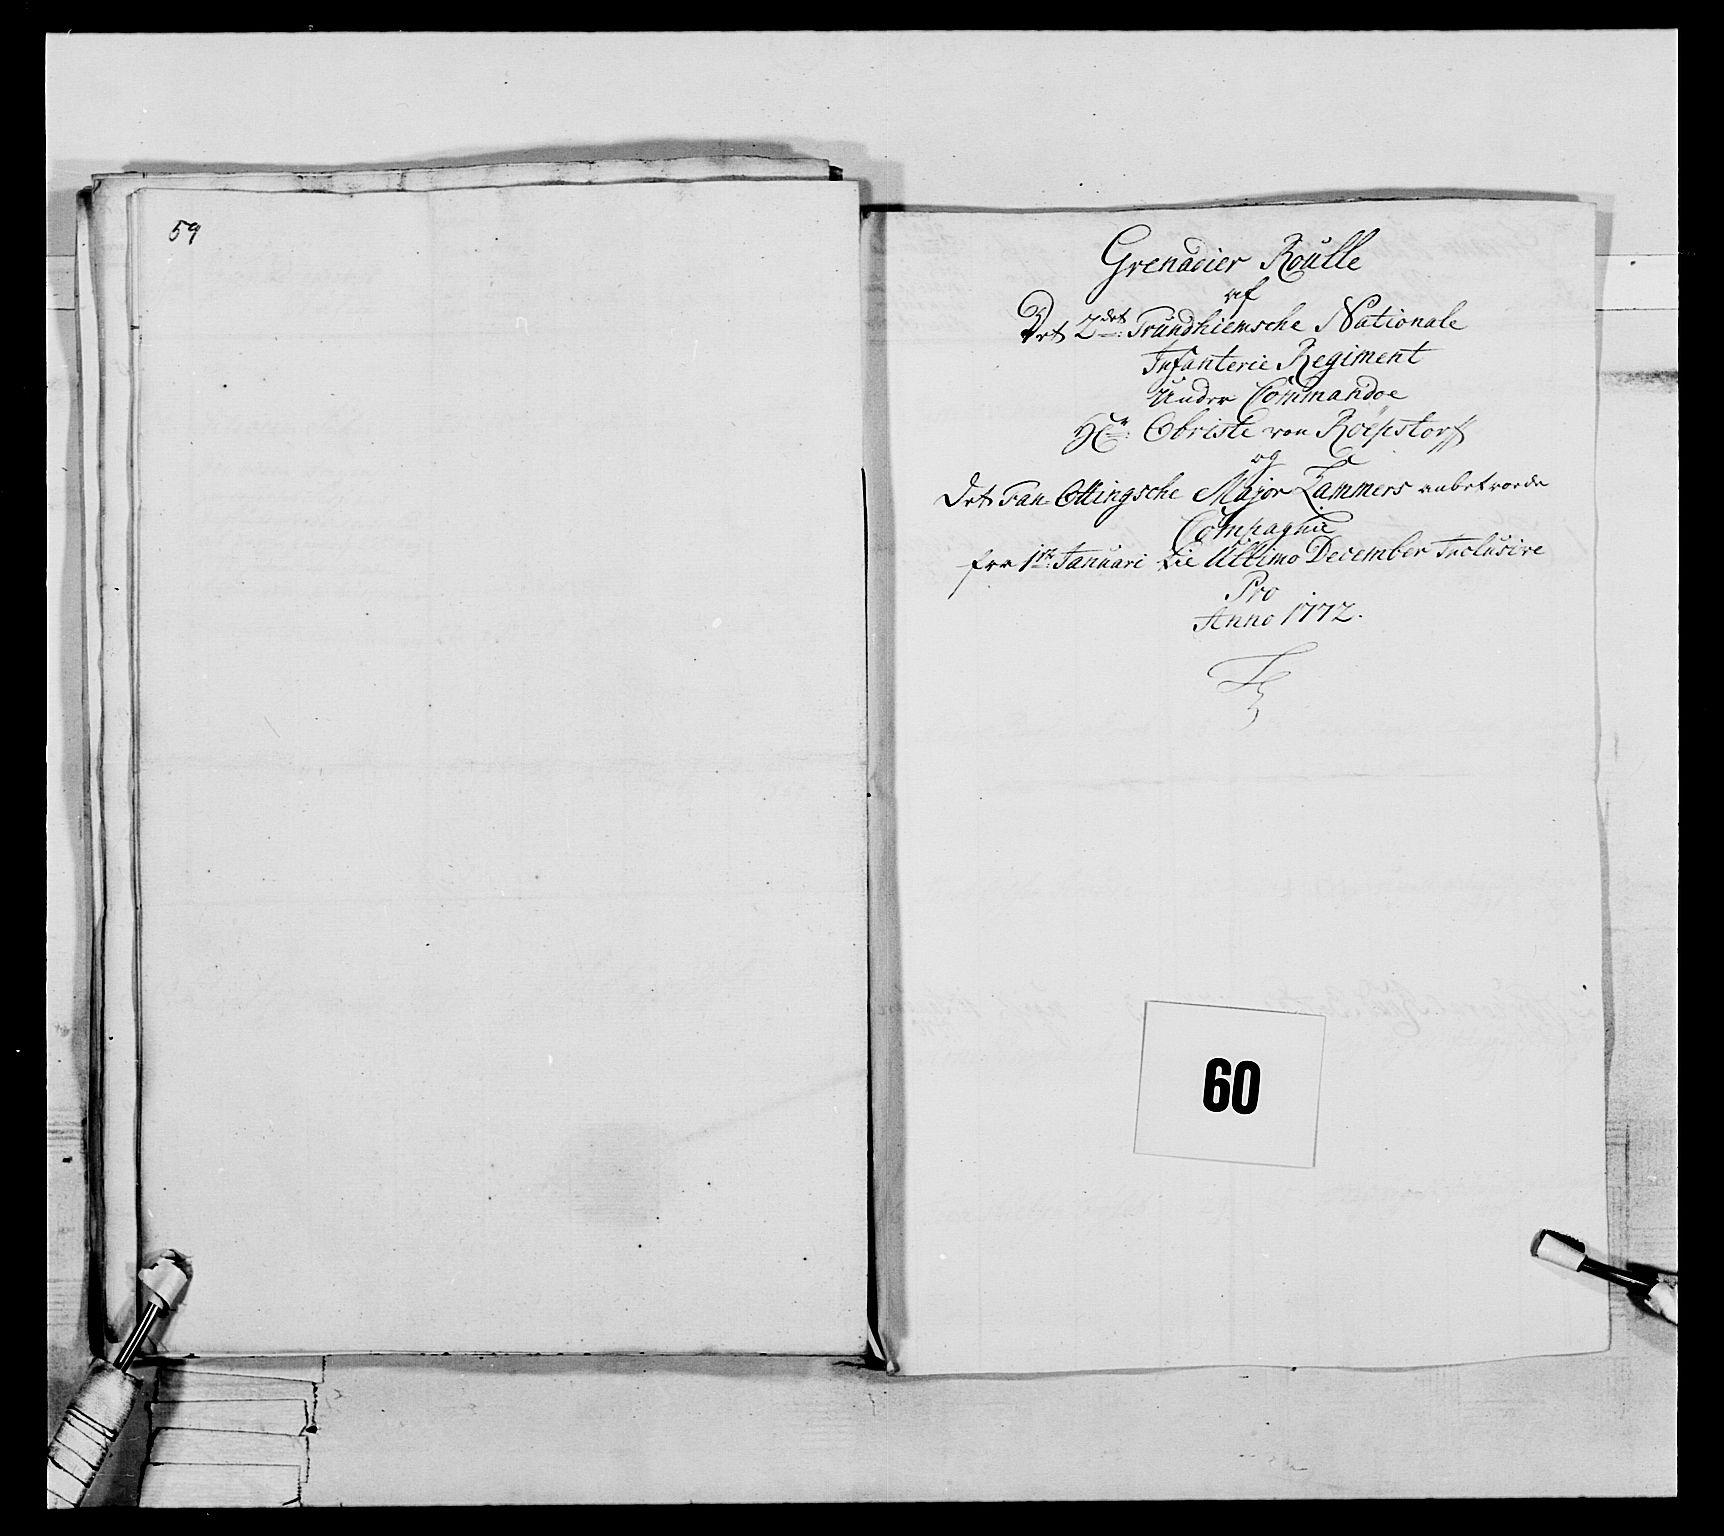 RA, Generalitets- og kommissariatskollegiet, Det kongelige norske kommissariatskollegium, E/Eh/L0076: 2. Trondheimske nasjonale infanteriregiment, 1766-1773, s. 208